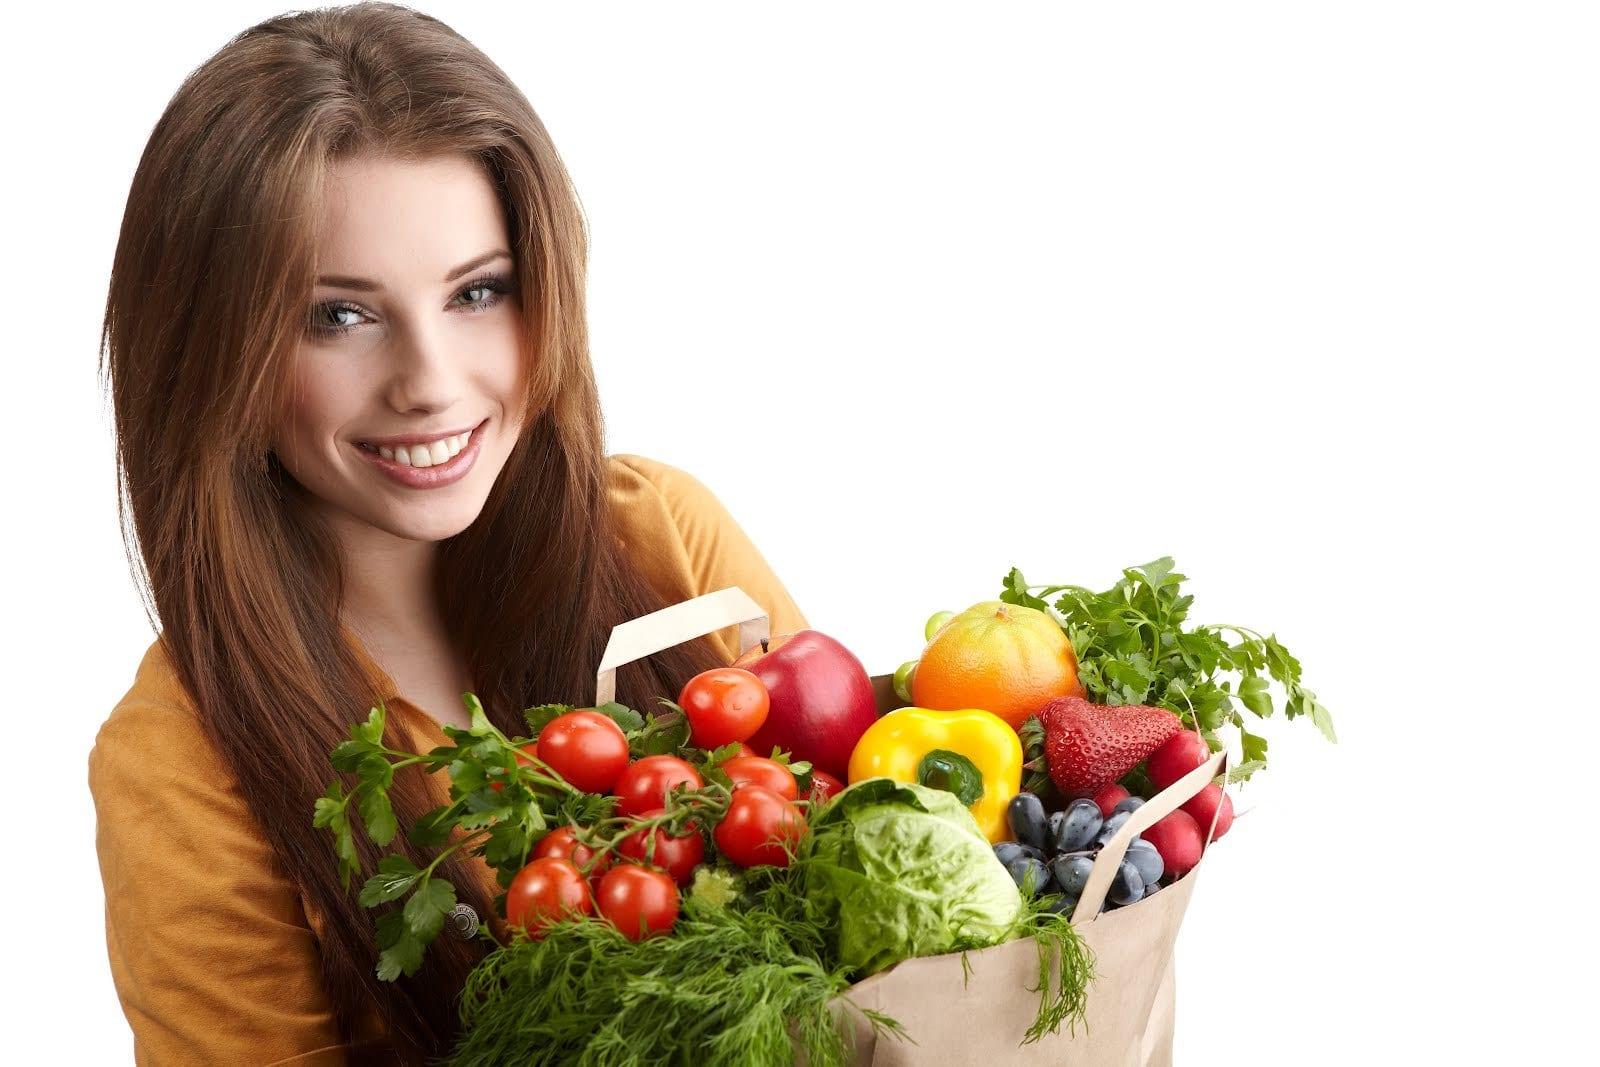 Фрукты овощи в попе девушек фото фото 784-588